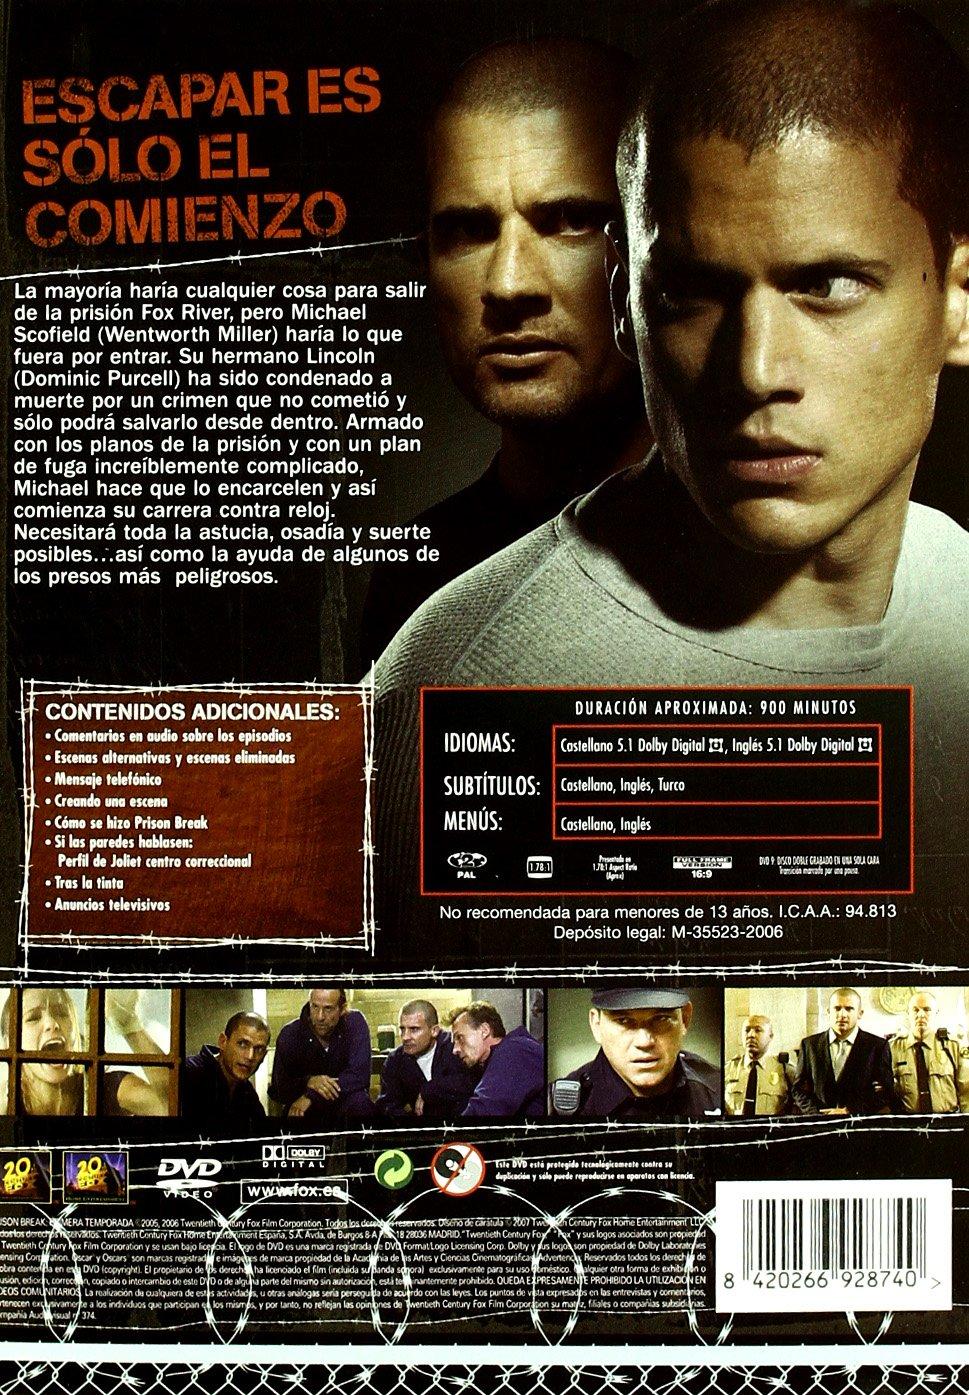 Amazon.com: Prisión Break (1ª Temporada) (Import Movie) (European Format - Zone 2) (2009): Movies & TV